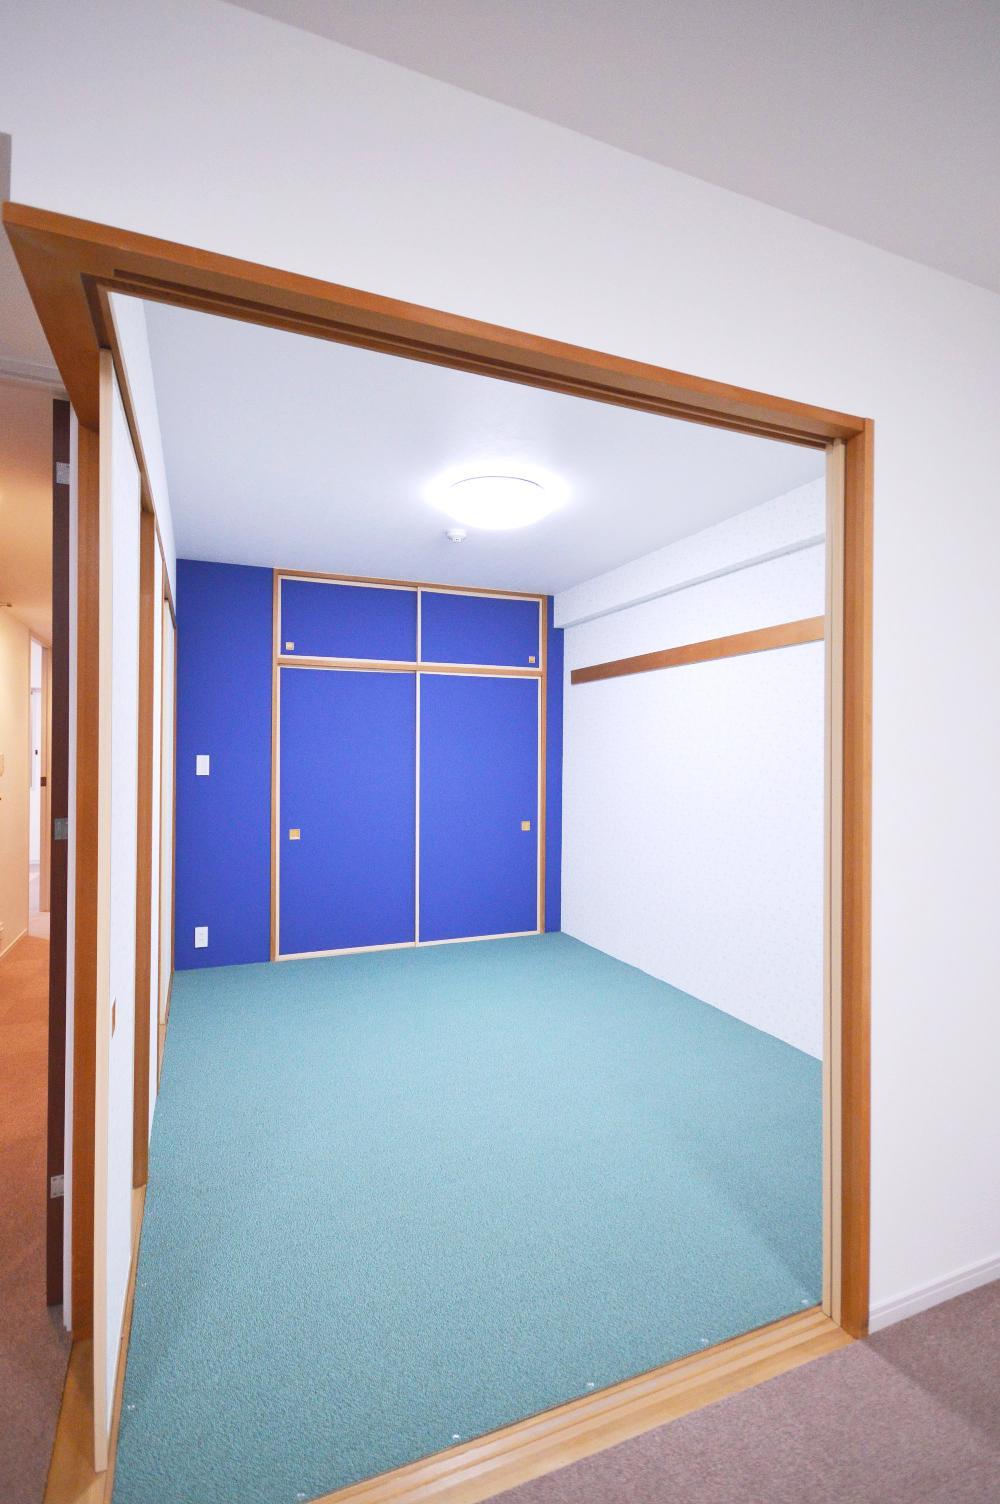 After:元々和室だった部屋は上にカーペットを敷いてピンで留めています。正面のインパクトのあるブルーの壁は、勉強が捗るカラーということで娘さんが選ばれました。